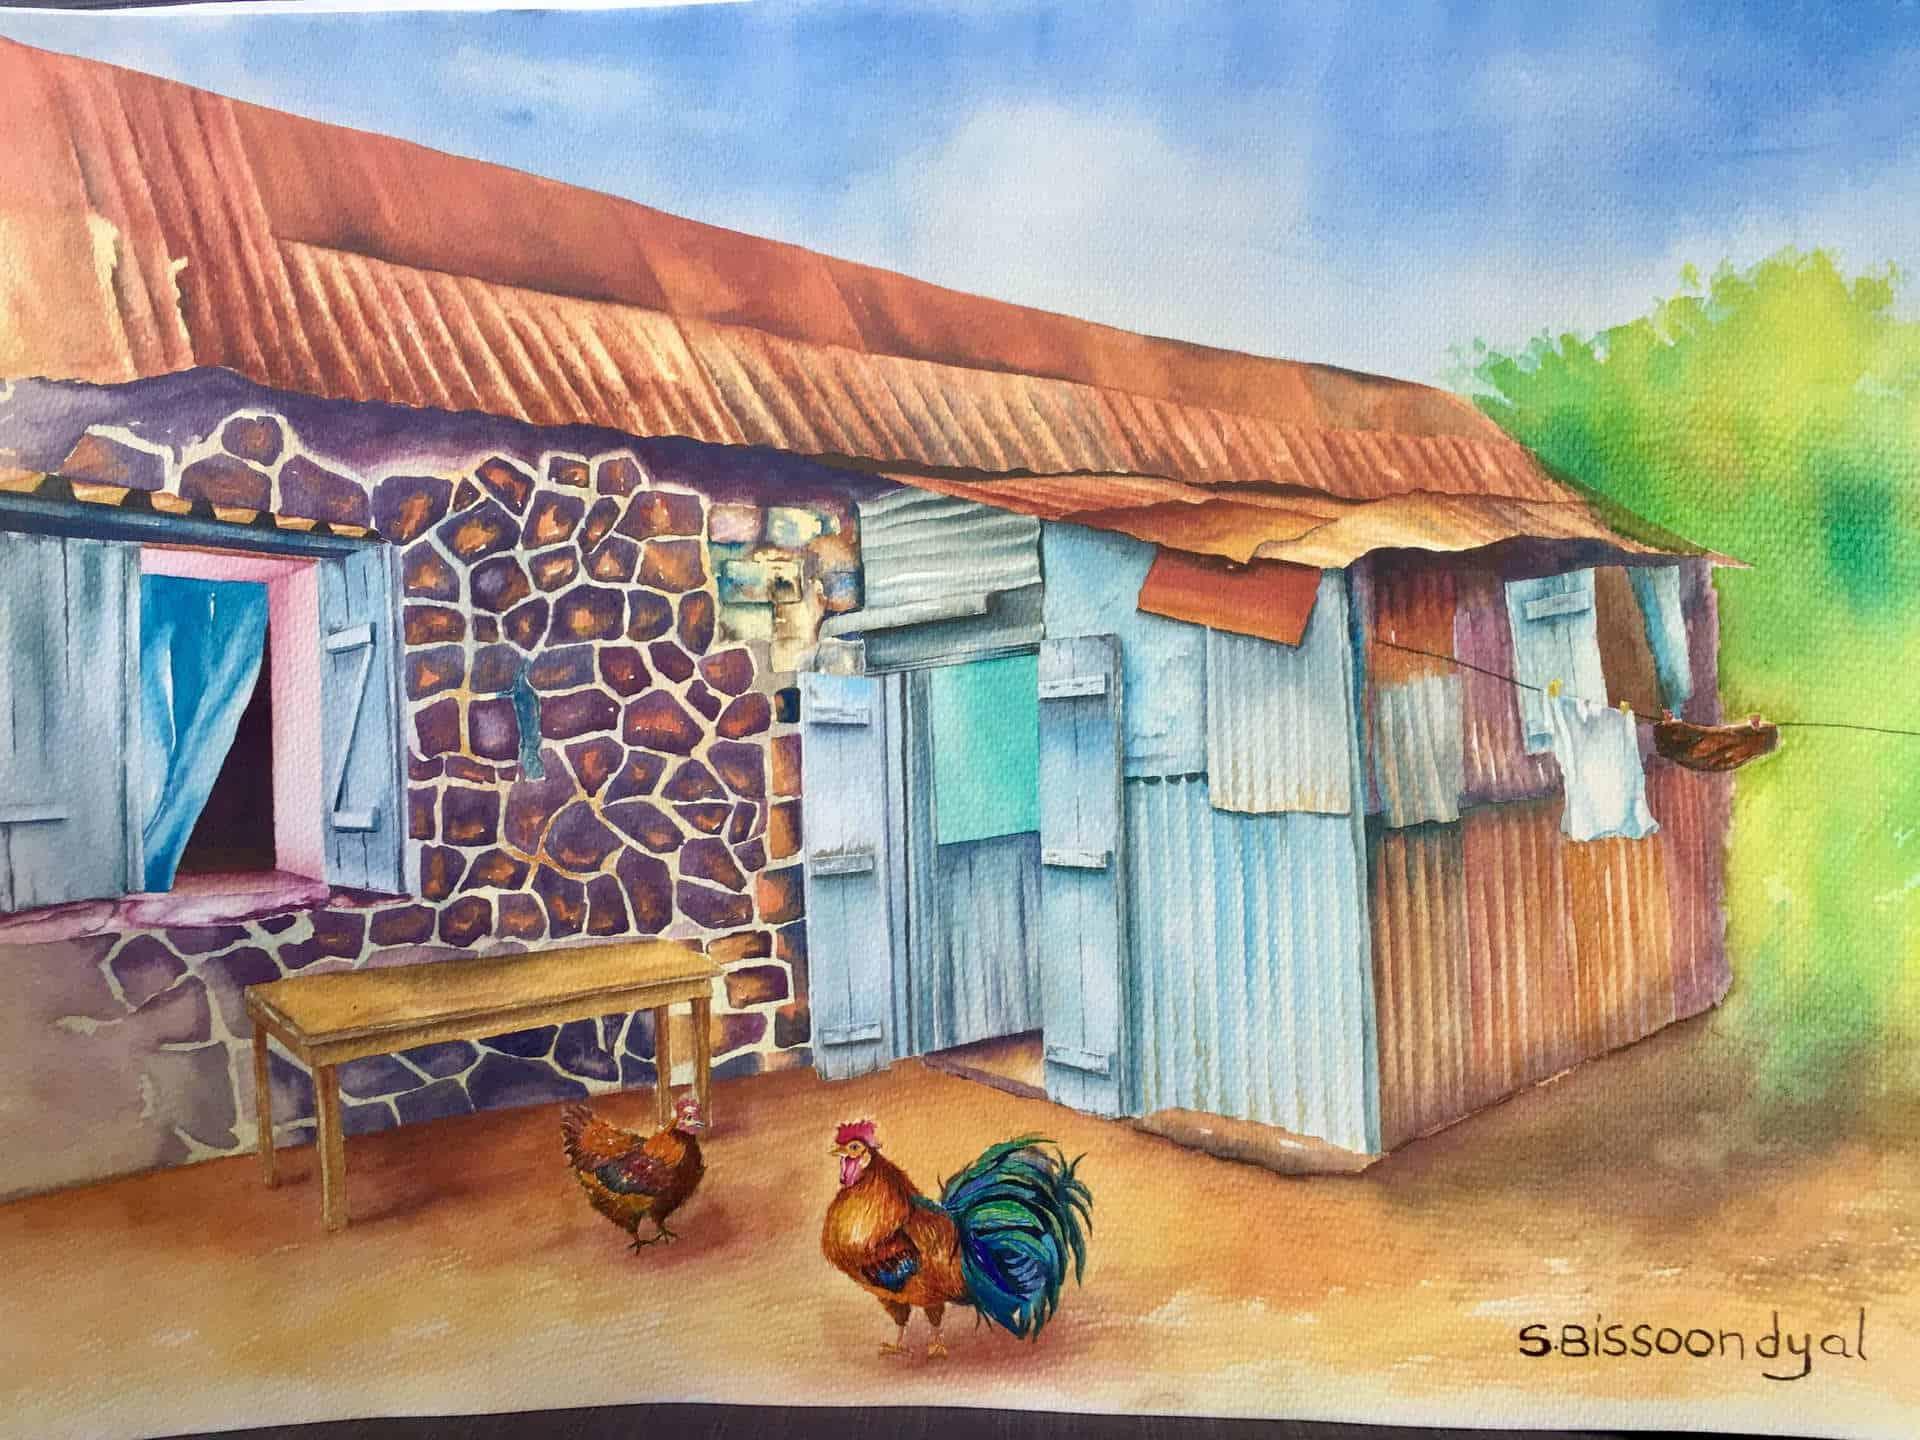 mauritian-artist-samanta-bissoondyal-ramguttee-maison-de-campagne